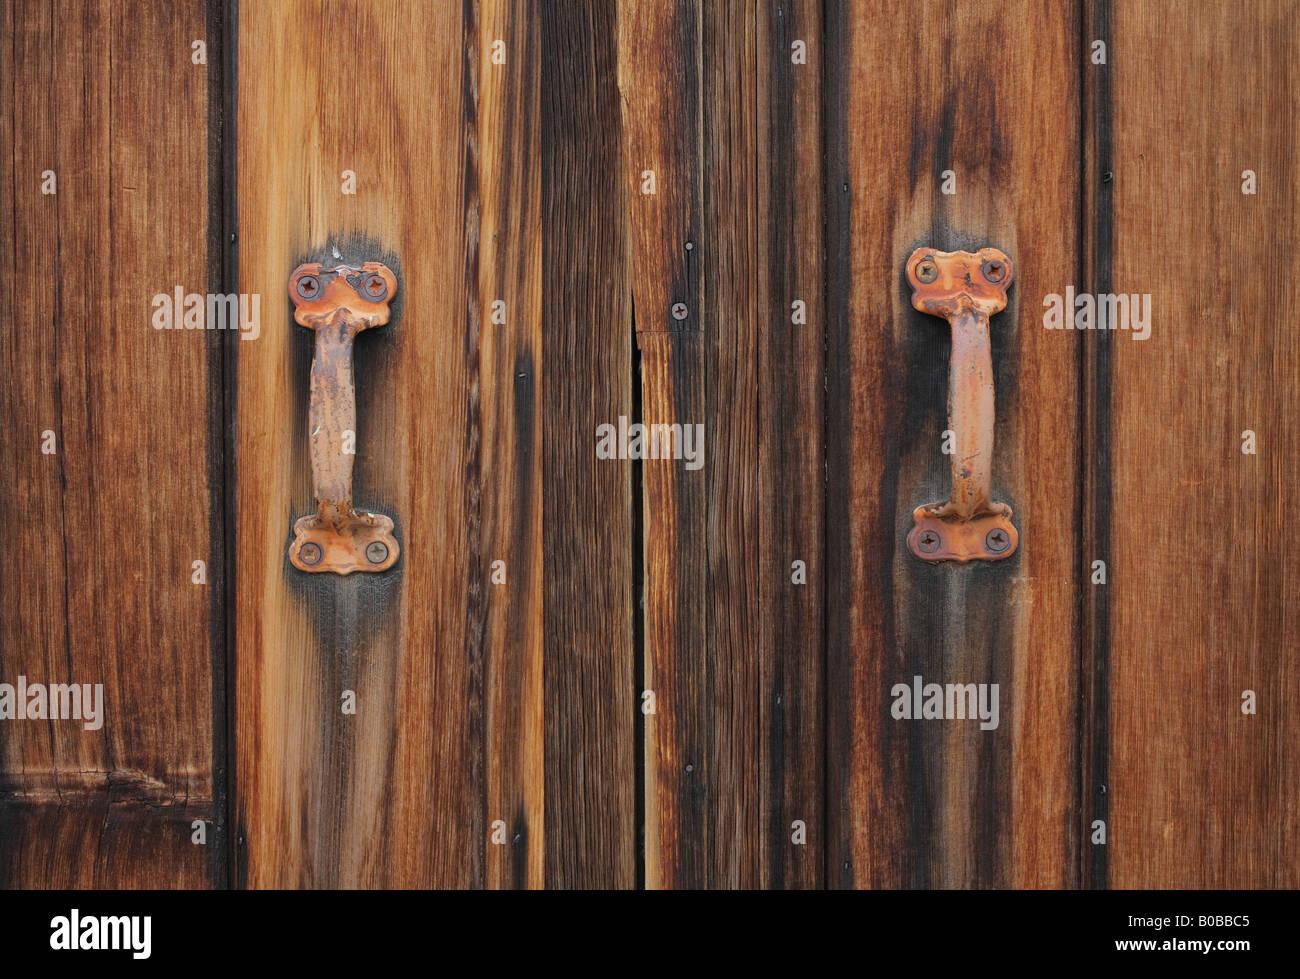 Barn door handles and locks - Old Wooden Barn Door With Rusty Handles Stock Image